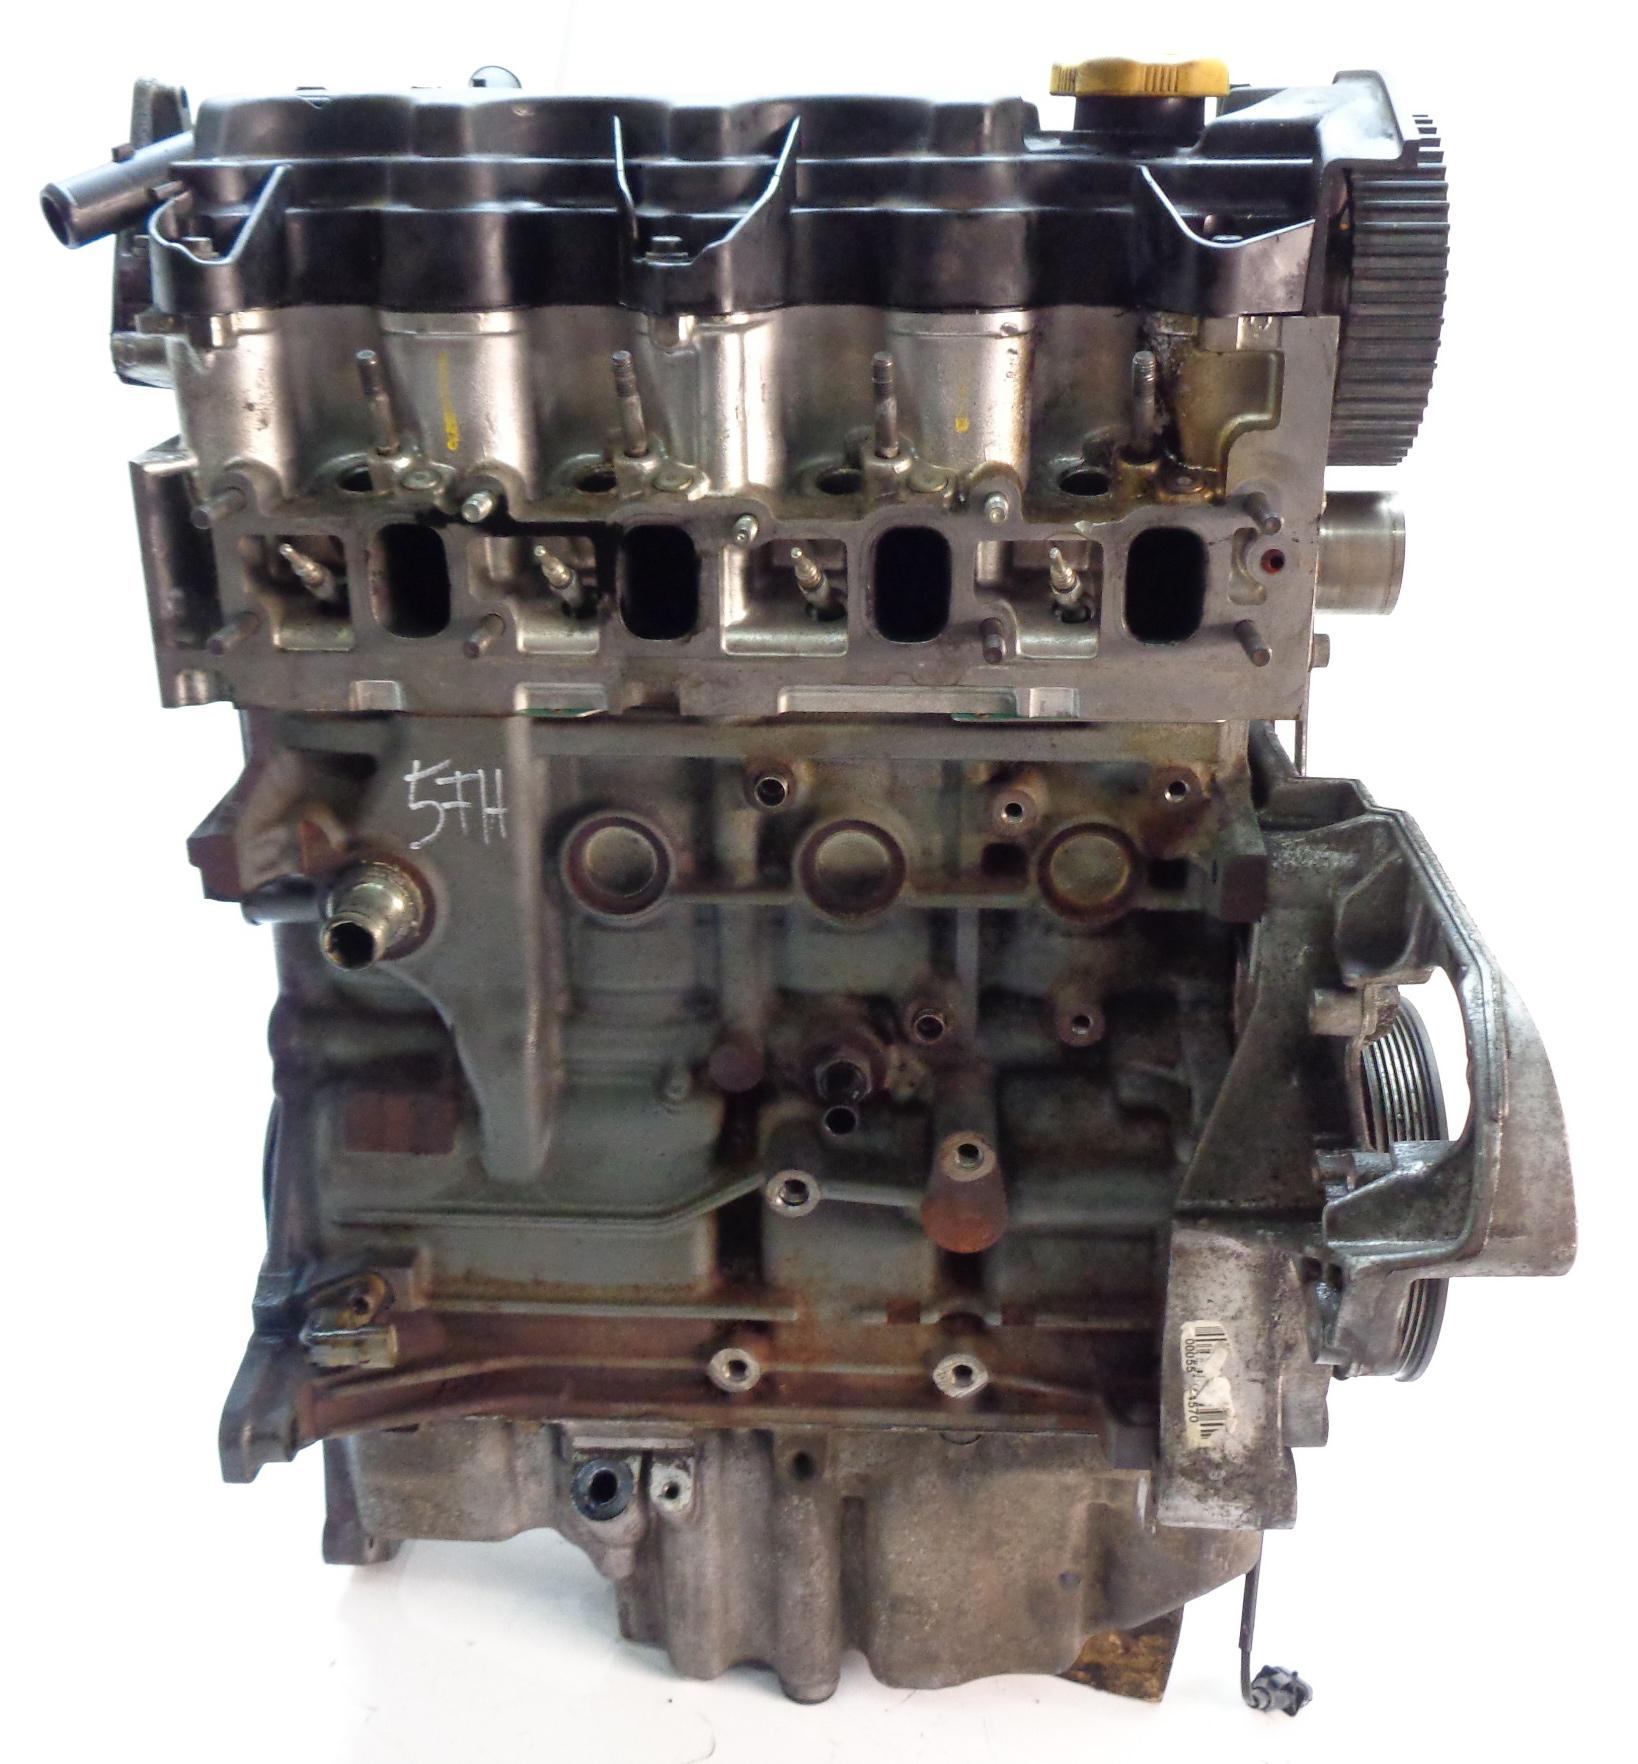 Motor 2008 Fiat Doblo 223 1,9 JTD Diesel 223A7000 105 PS